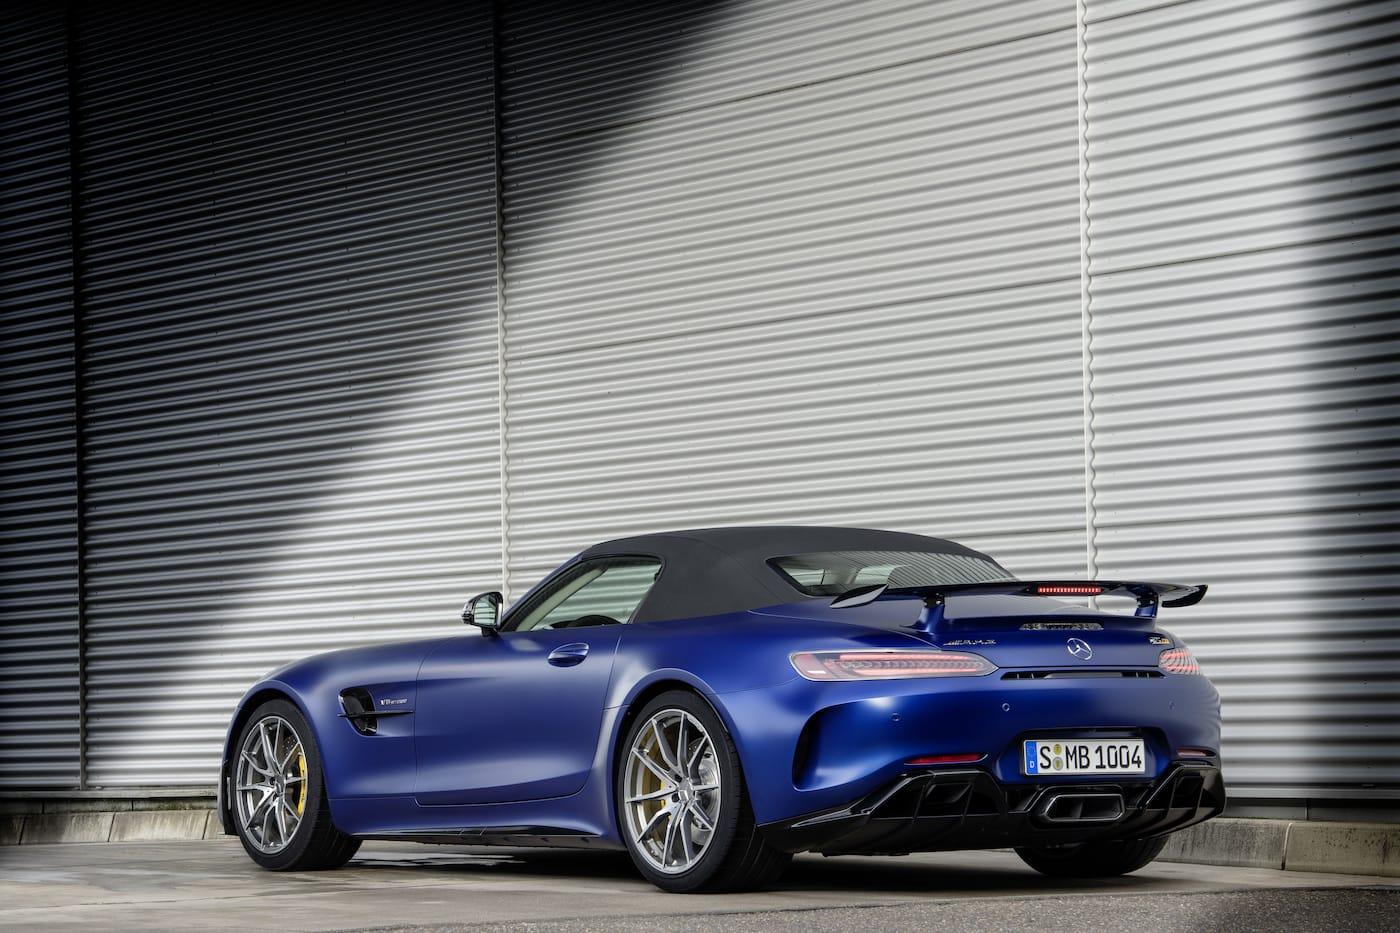 Schöner geht es nicht: Mercedes-Benz präsentiert den AMG GT R Roadster 6